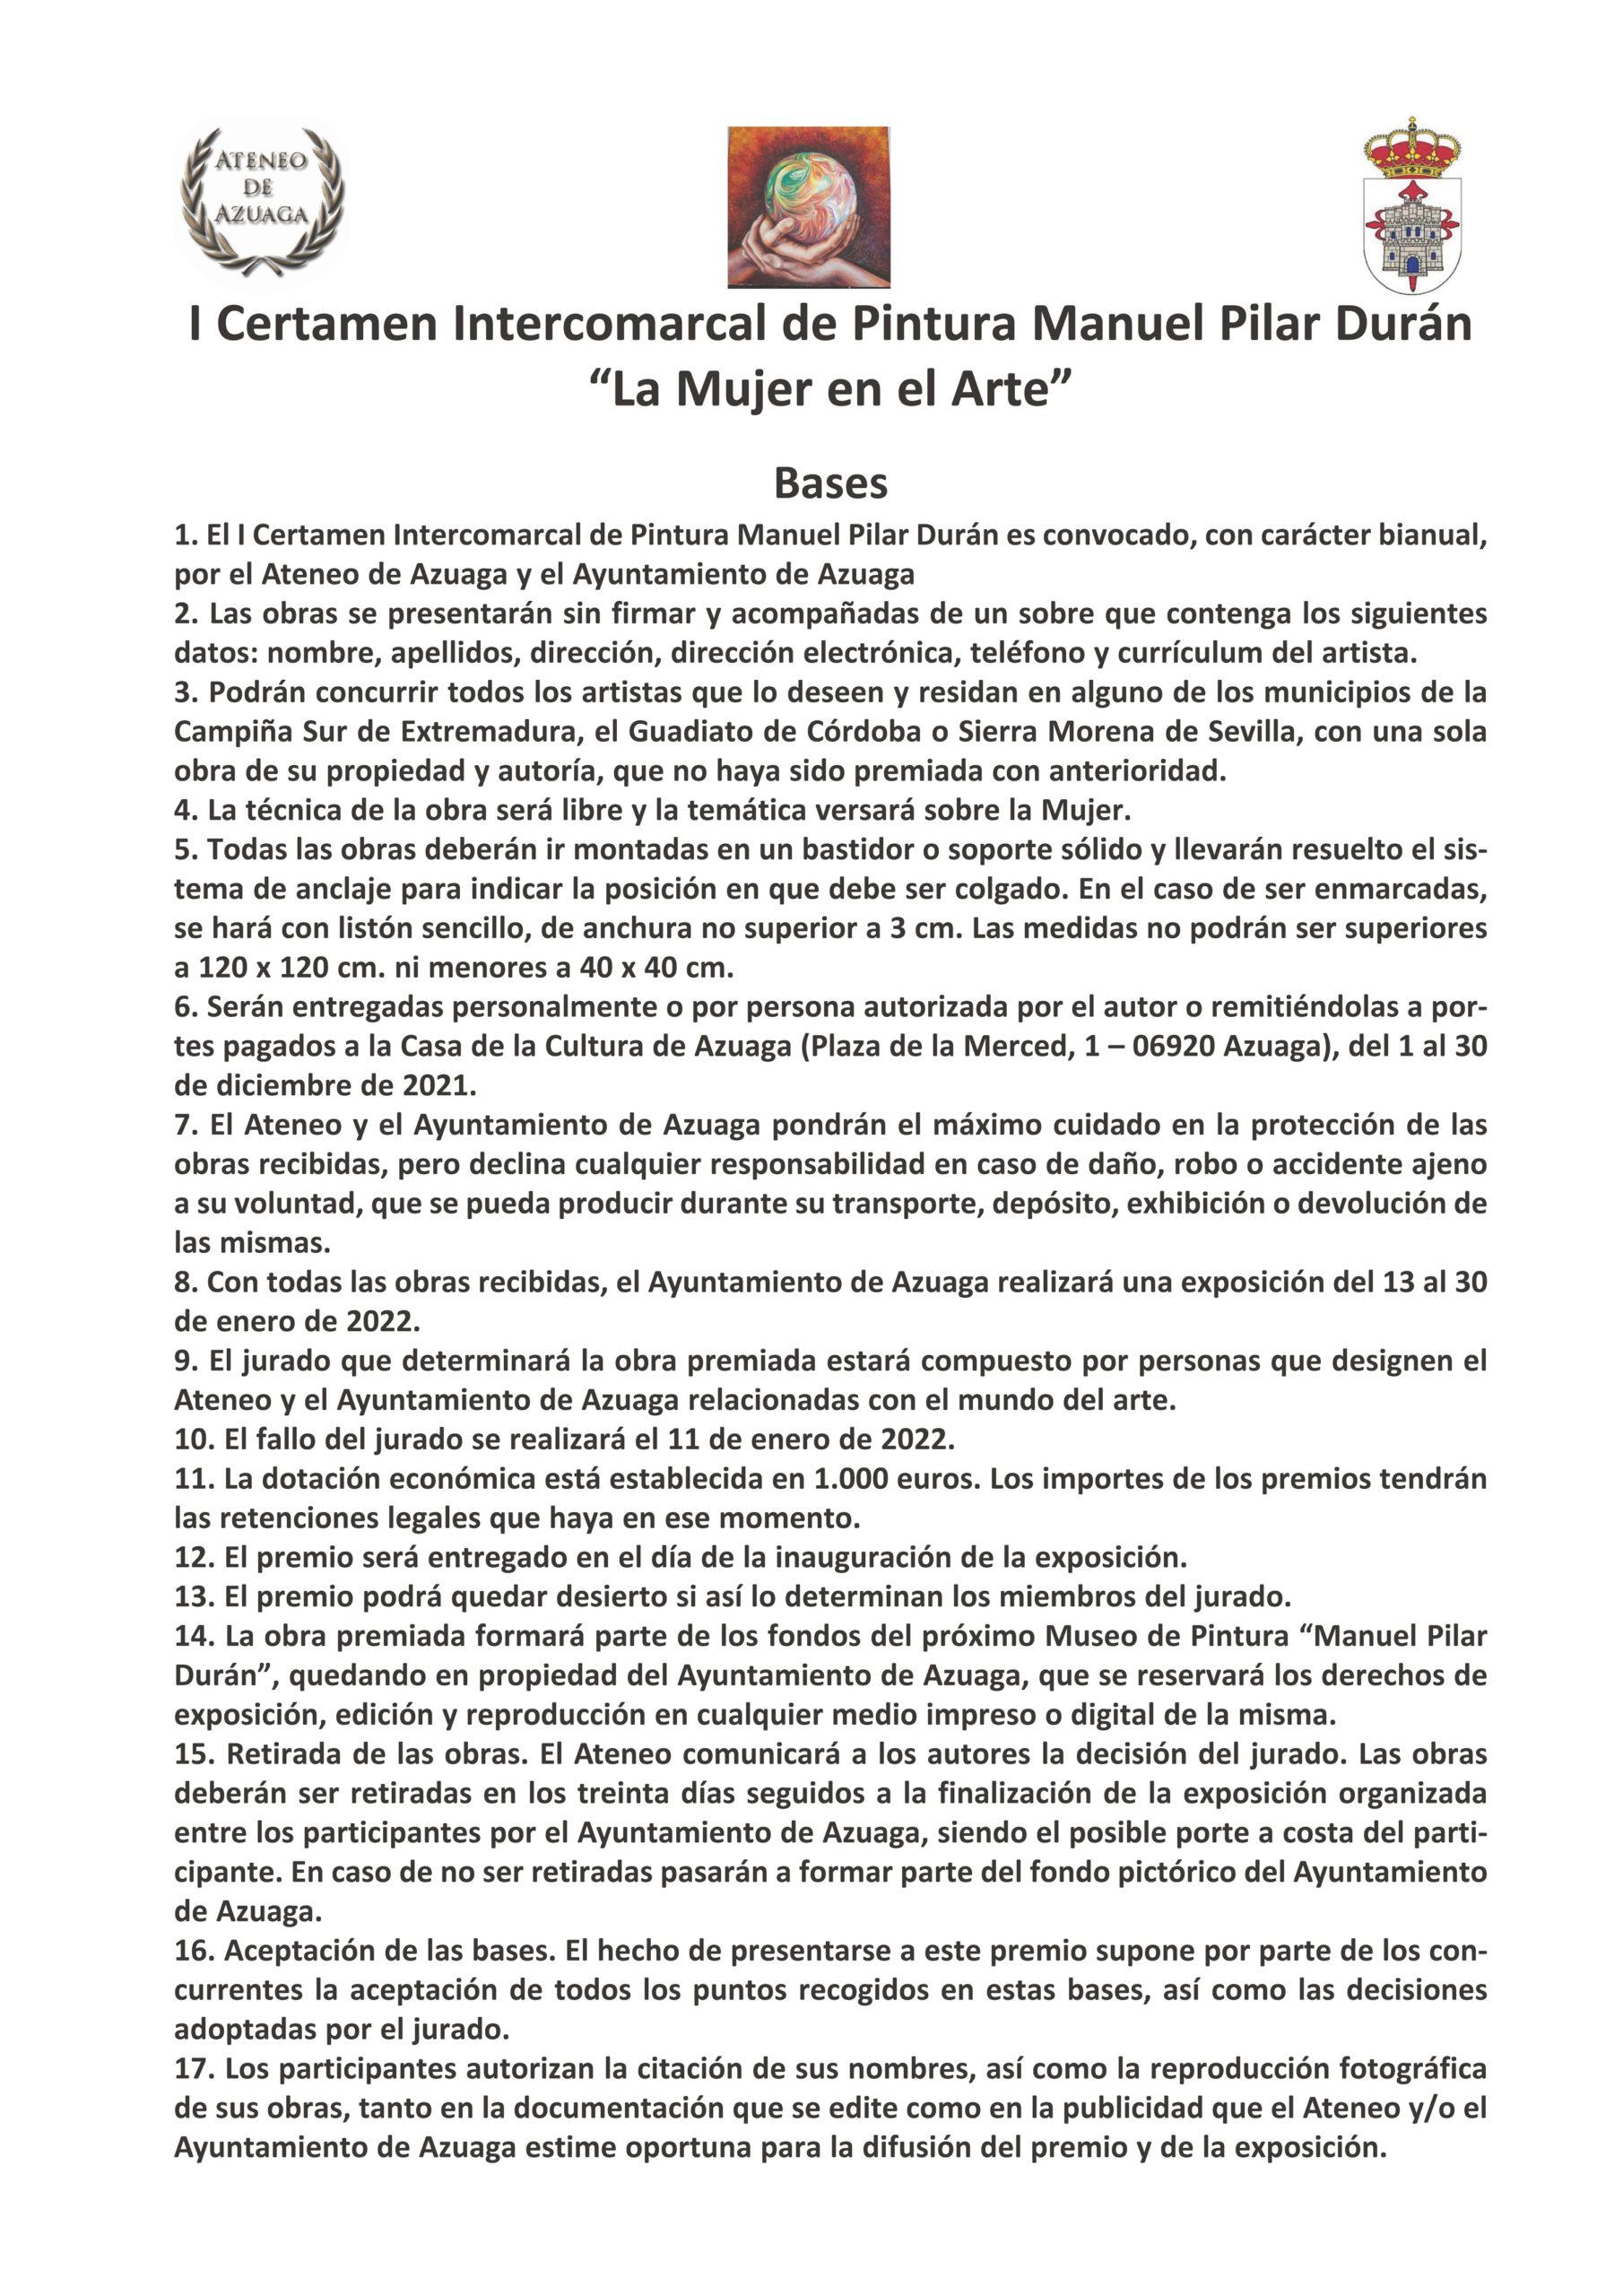 """I Certamen Intercomarcal de Pintura """"Manuel Pilar Durán """""""